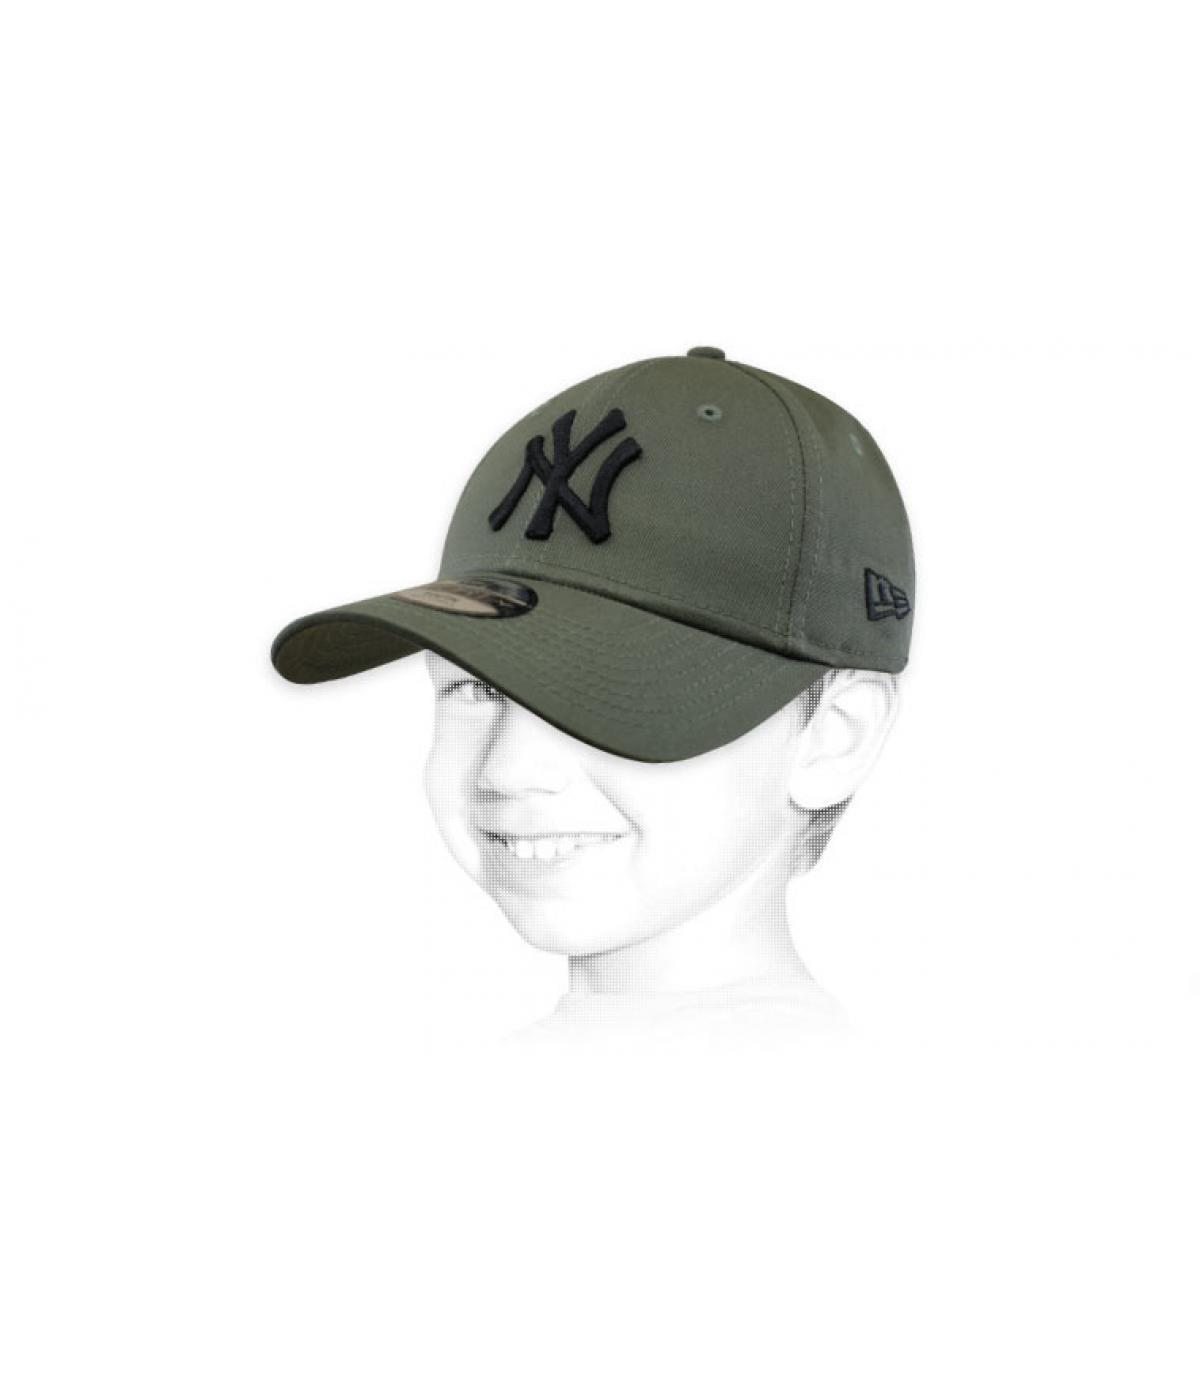 green NY child cap